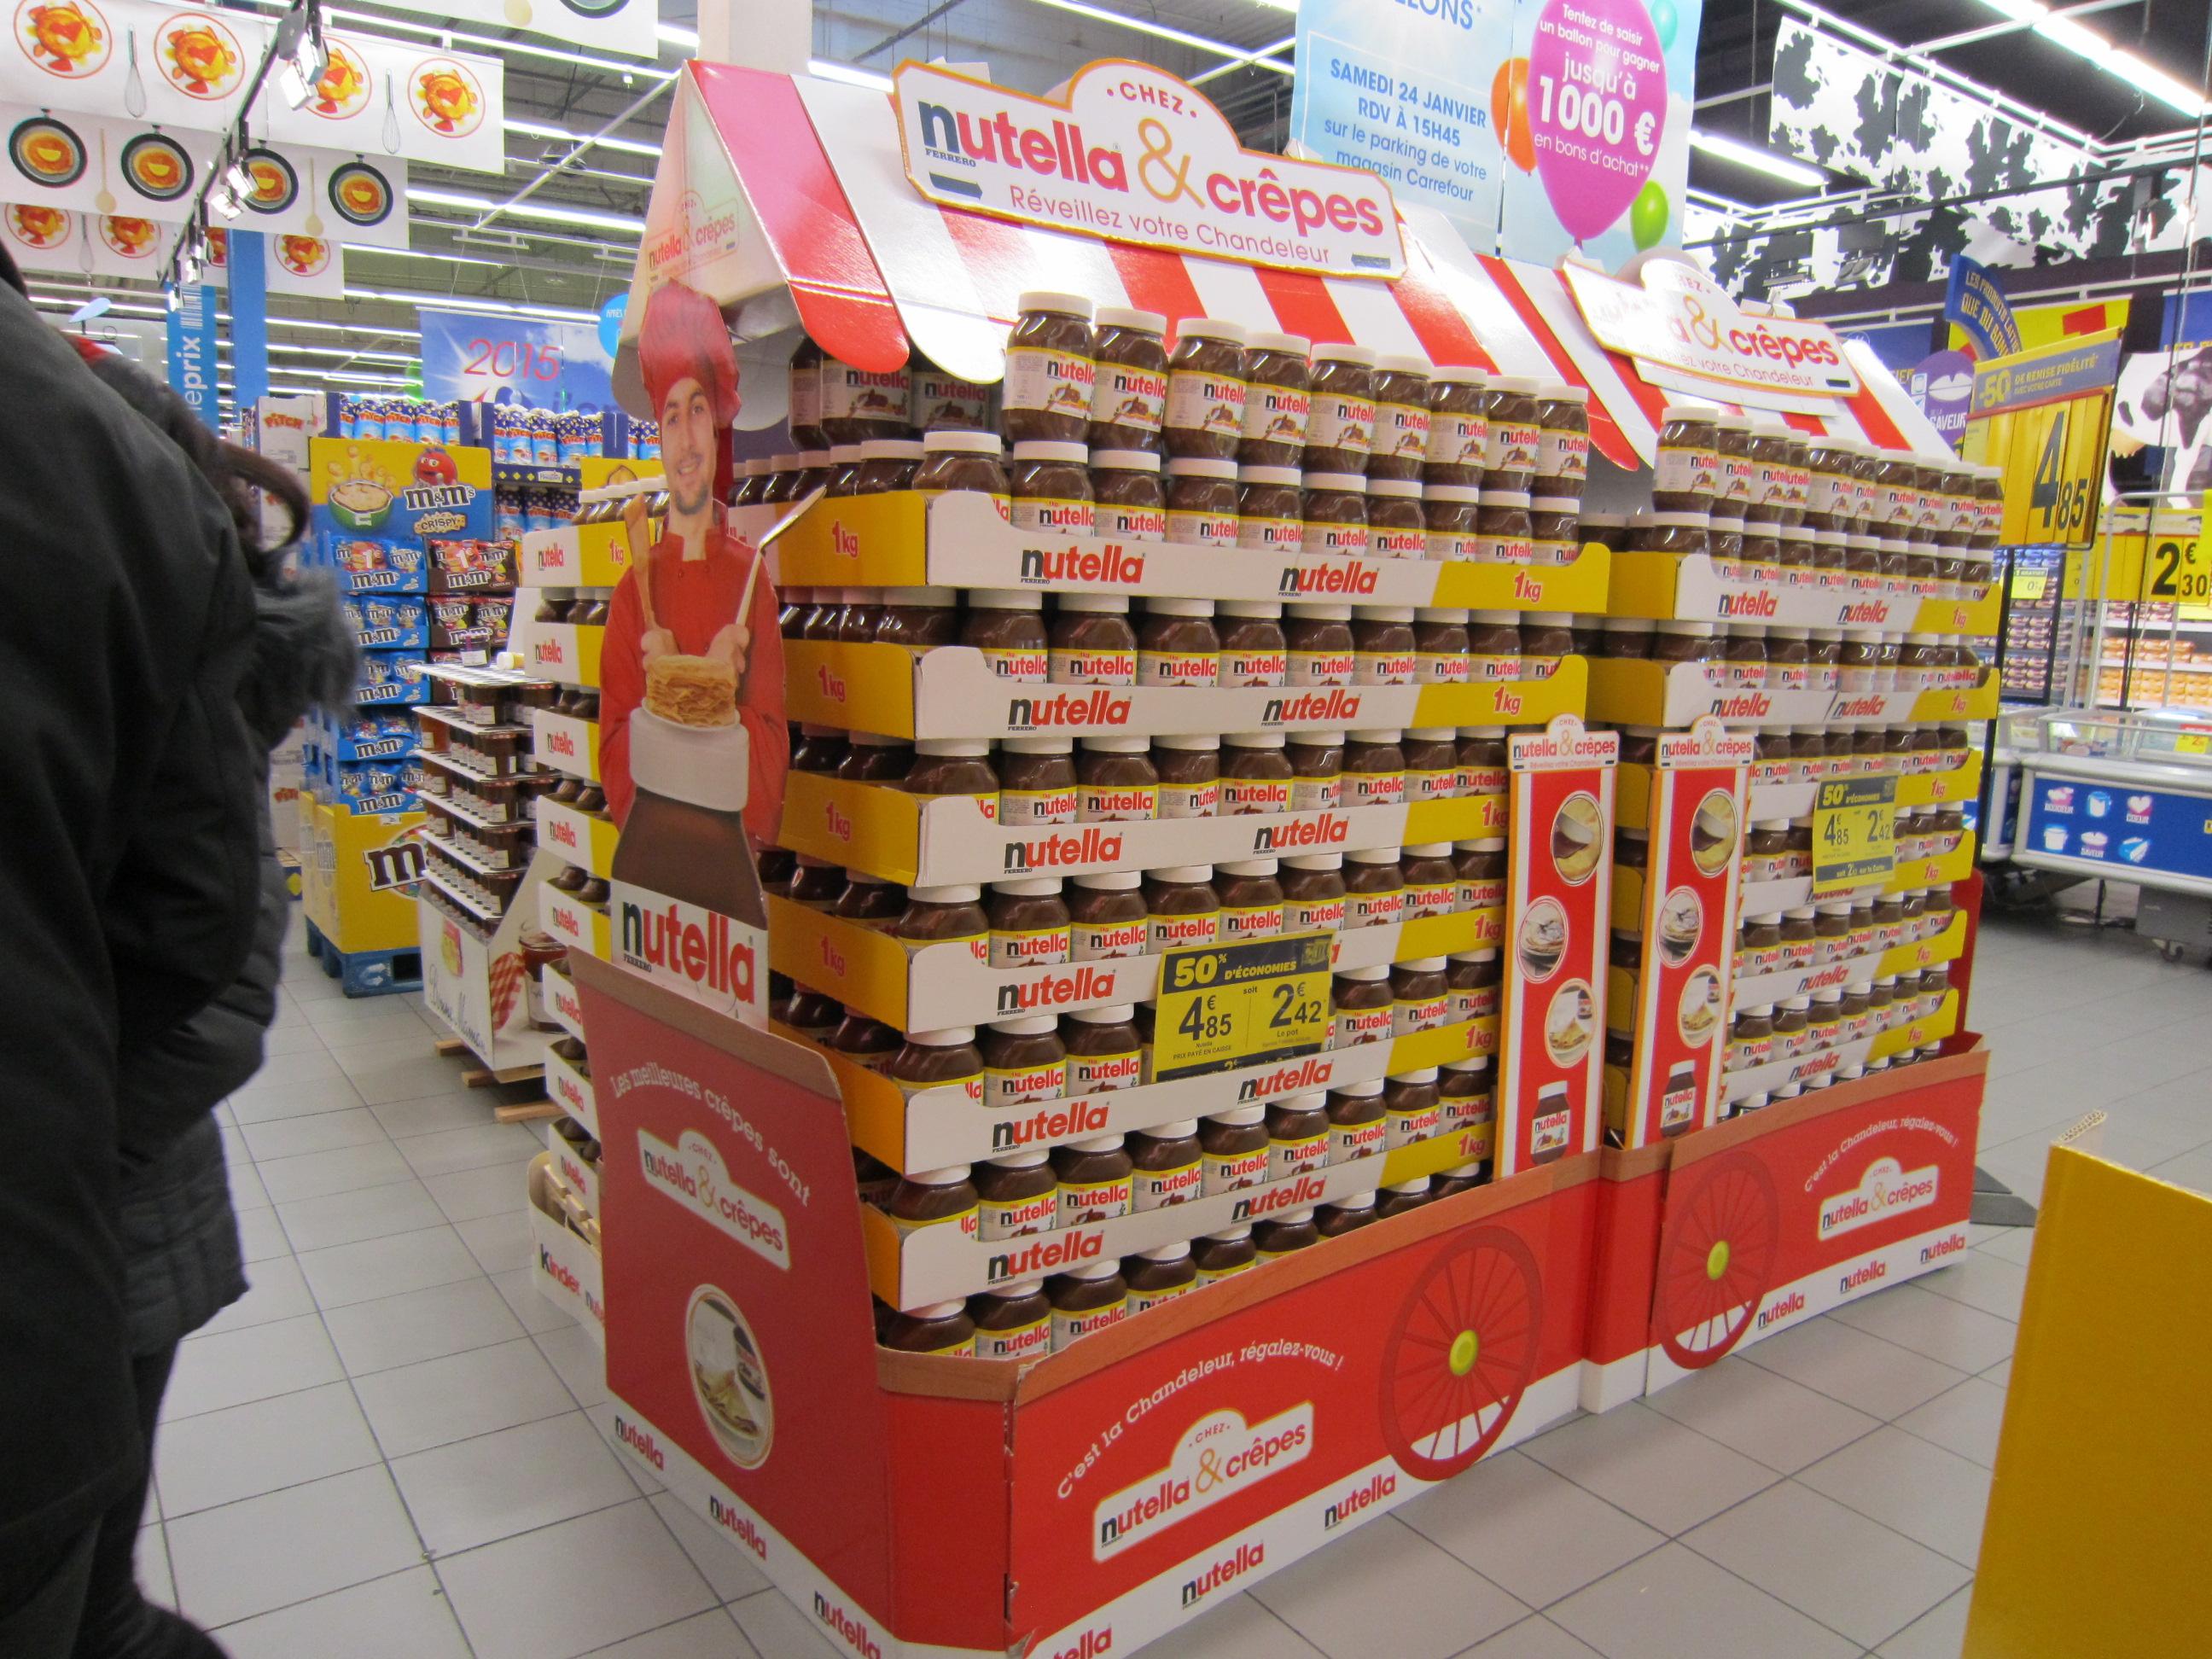 Tous vos cr pes 18marketing - Nutella tefal com jeux ...